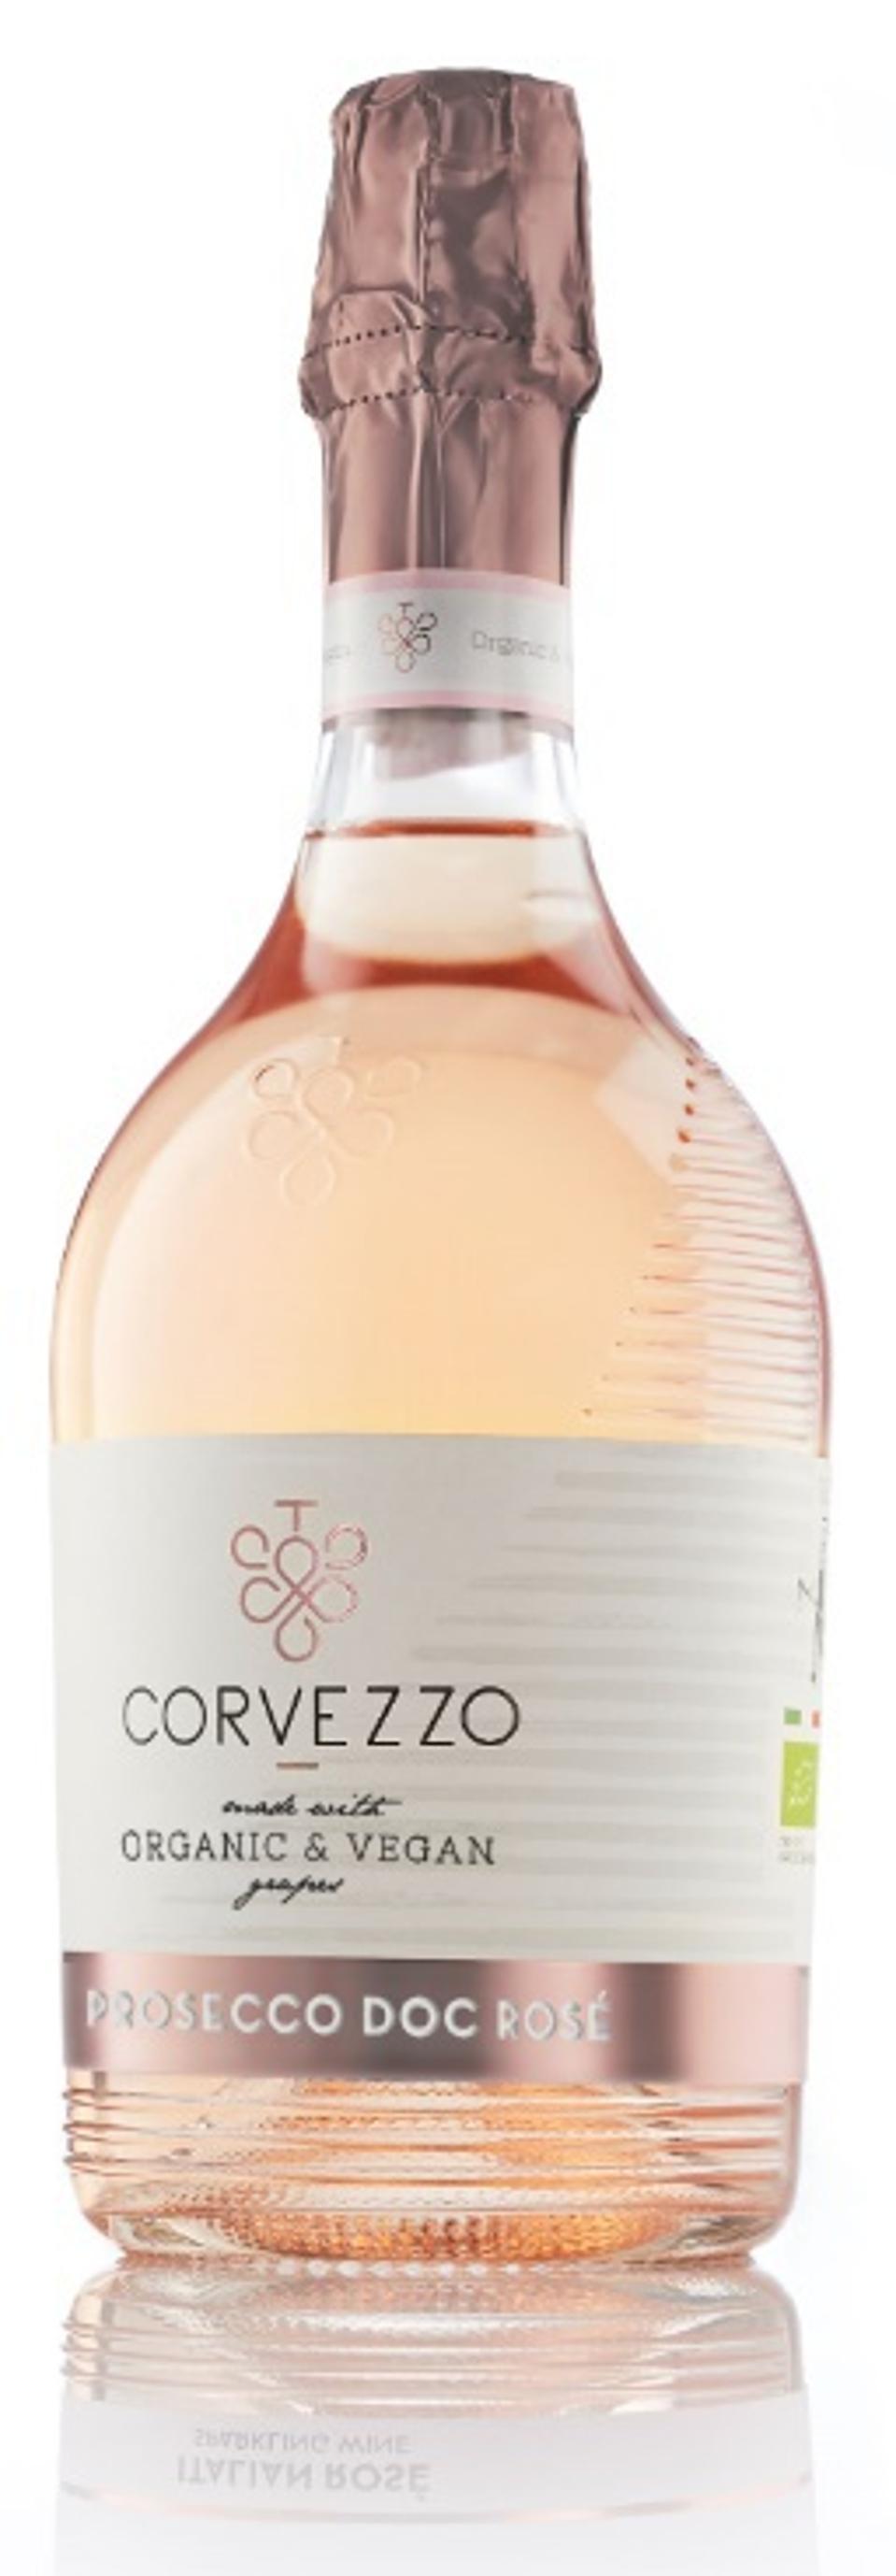 Bottle of Corvezzo Prosecco Rosé DOC